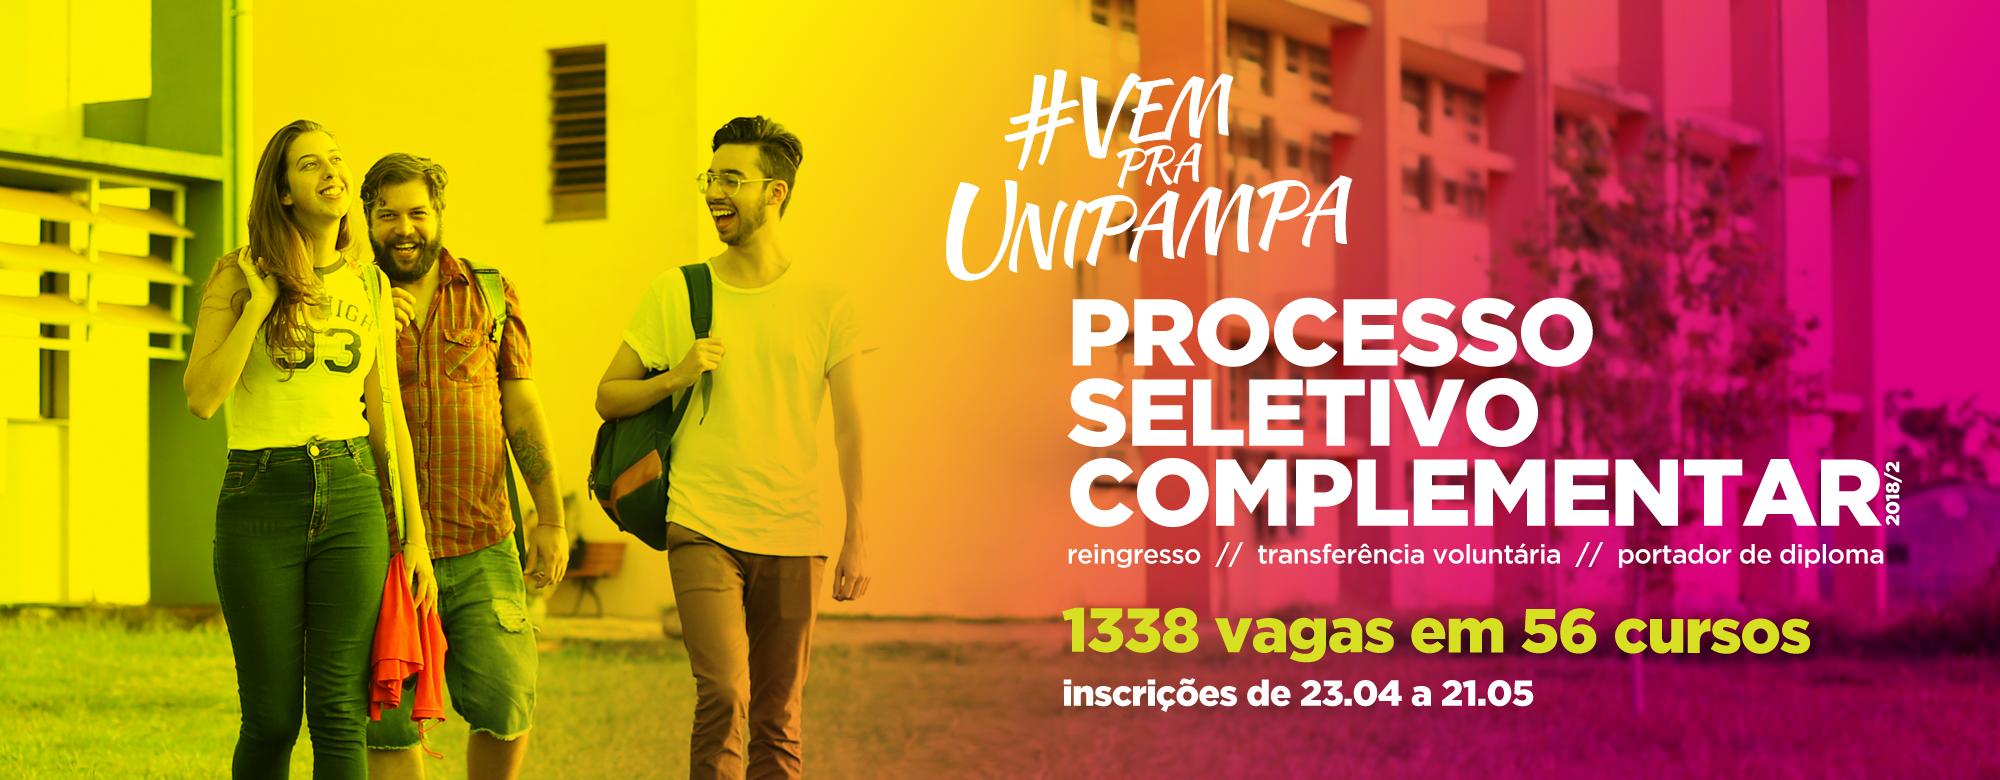 #VemPraUnipampa: Processo Seletivo Complementar 2018/2. Reingresso, transferência voluntária e portador de diploma.